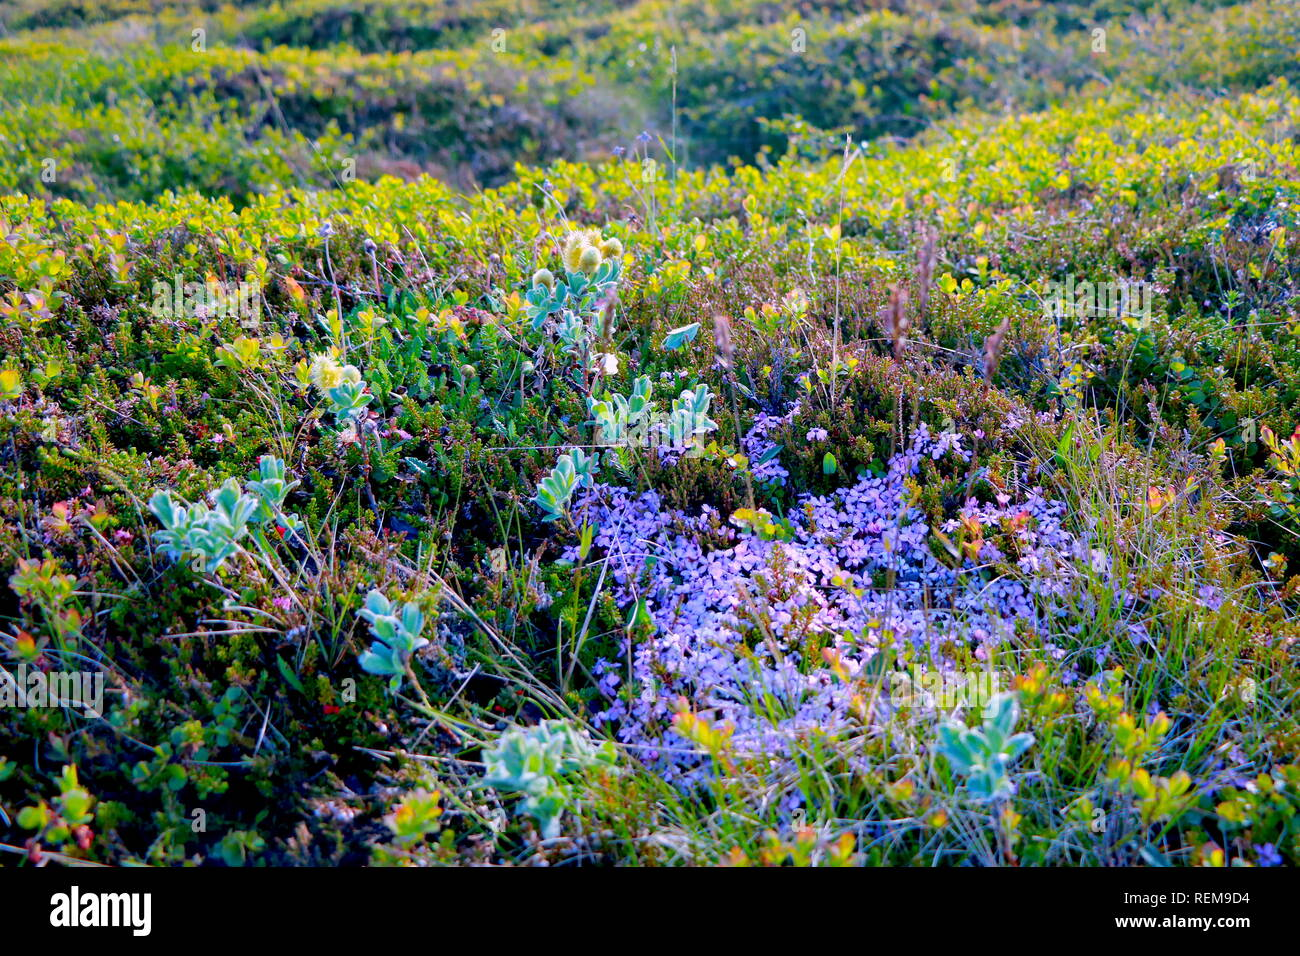 Blumenwiese mit Sonnenstrahlen in Island - Stock Image